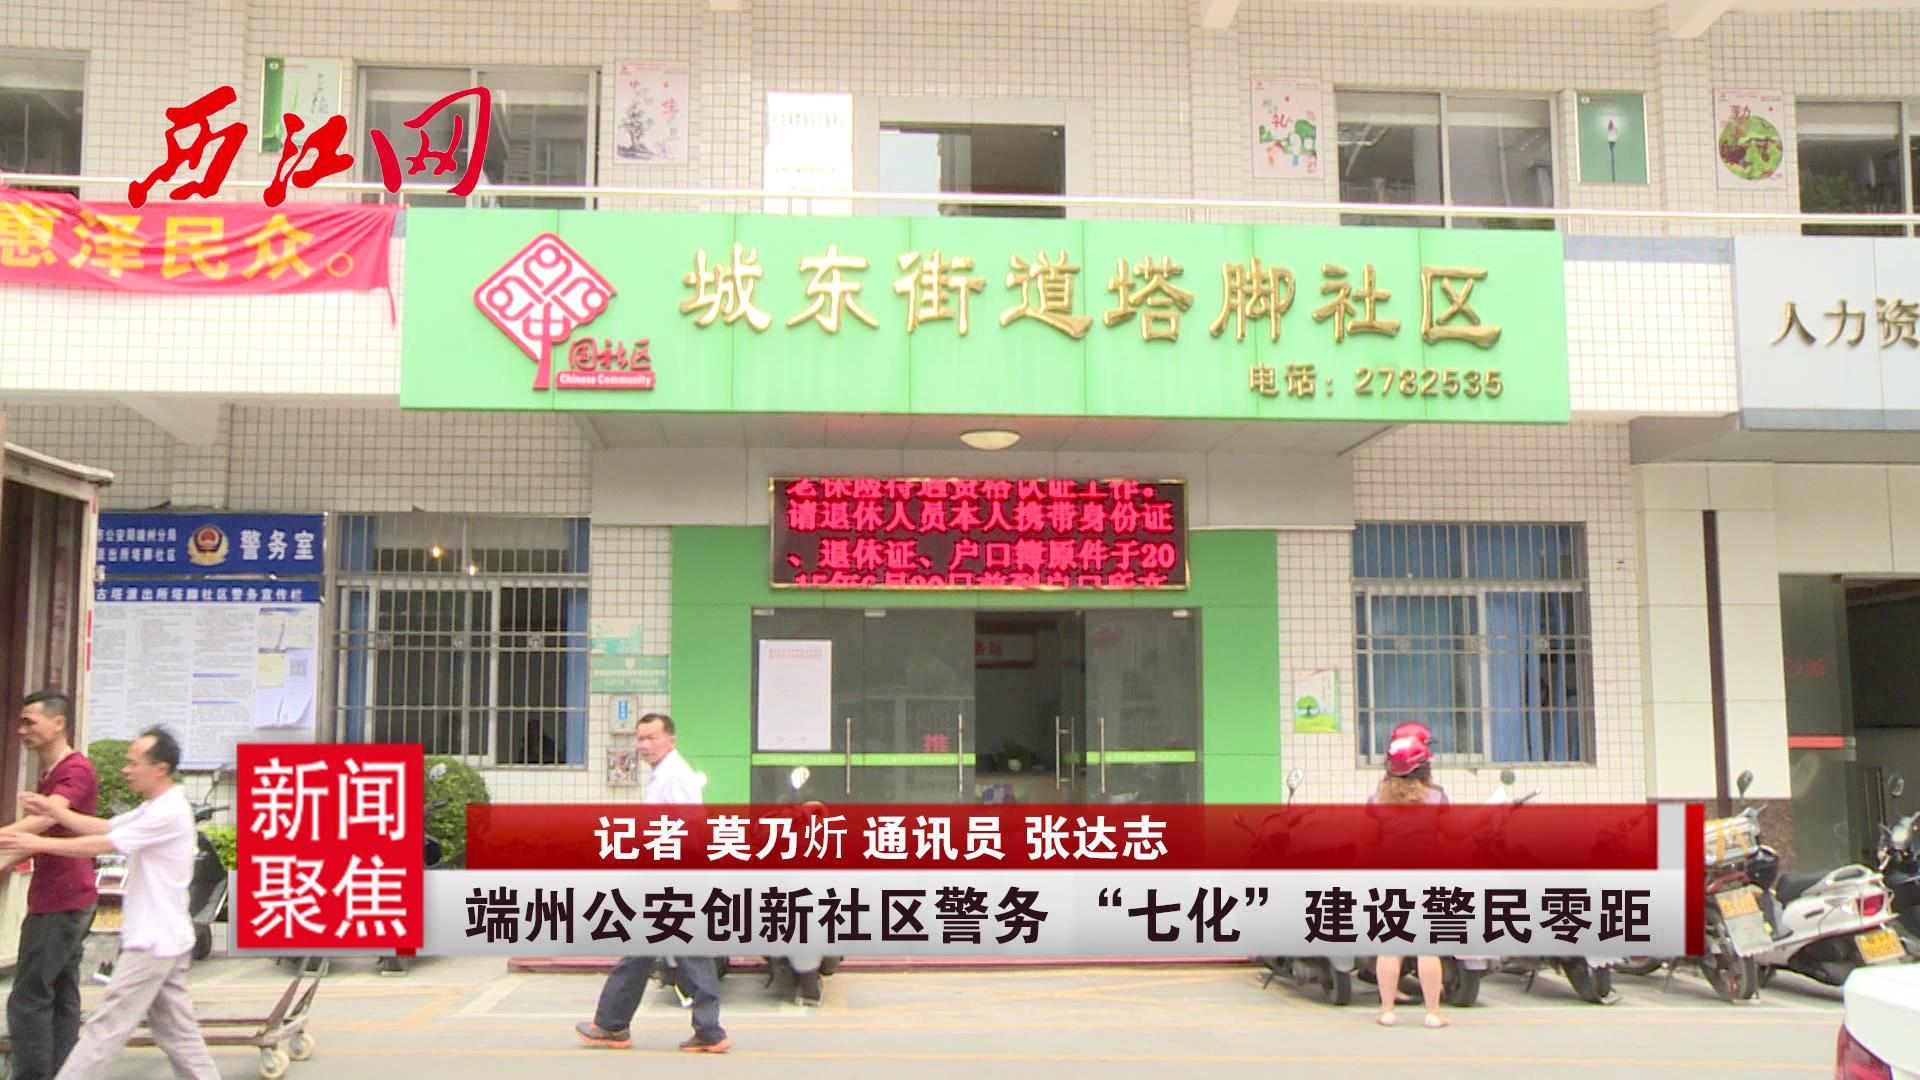 """端州公安创新社区警务 """"七化""""建设警民零距离"""